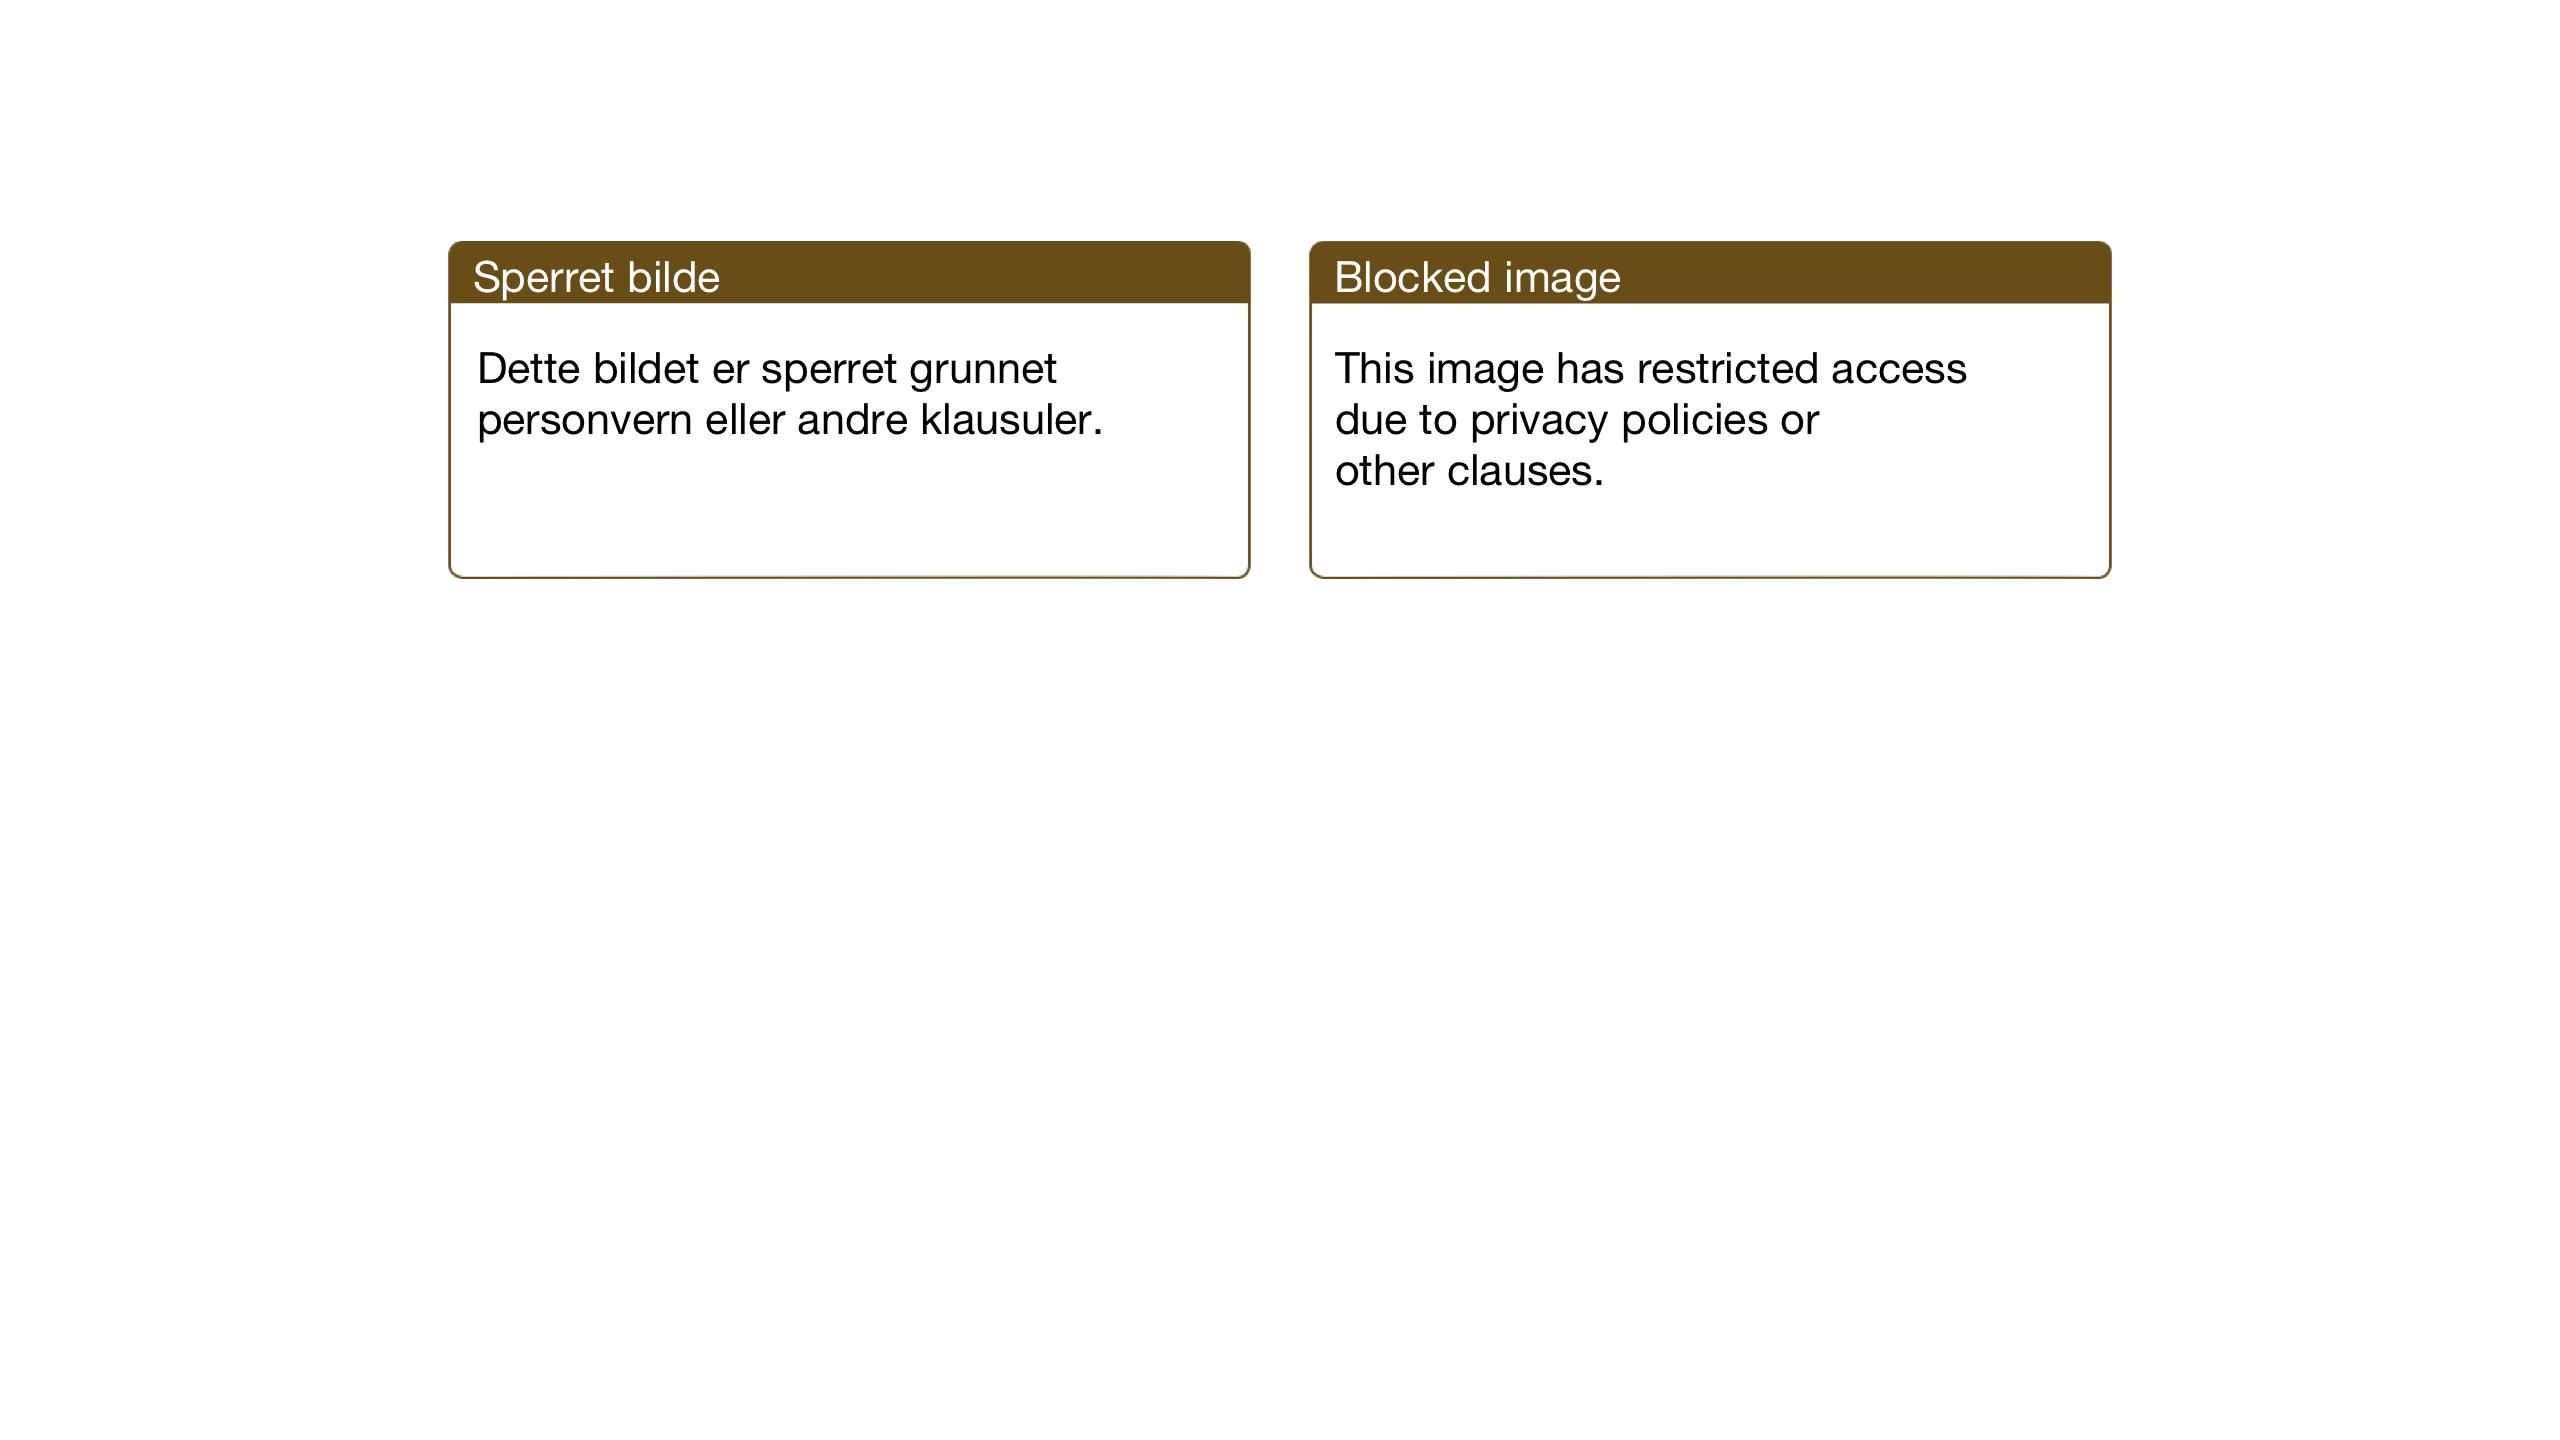 SAT, Ministerialprotokoller, klokkerbøker og fødselsregistre - Sør-Trøndelag, 687/L1019: Klokkerbok nr. 687C03, 1904-1931, s. 105